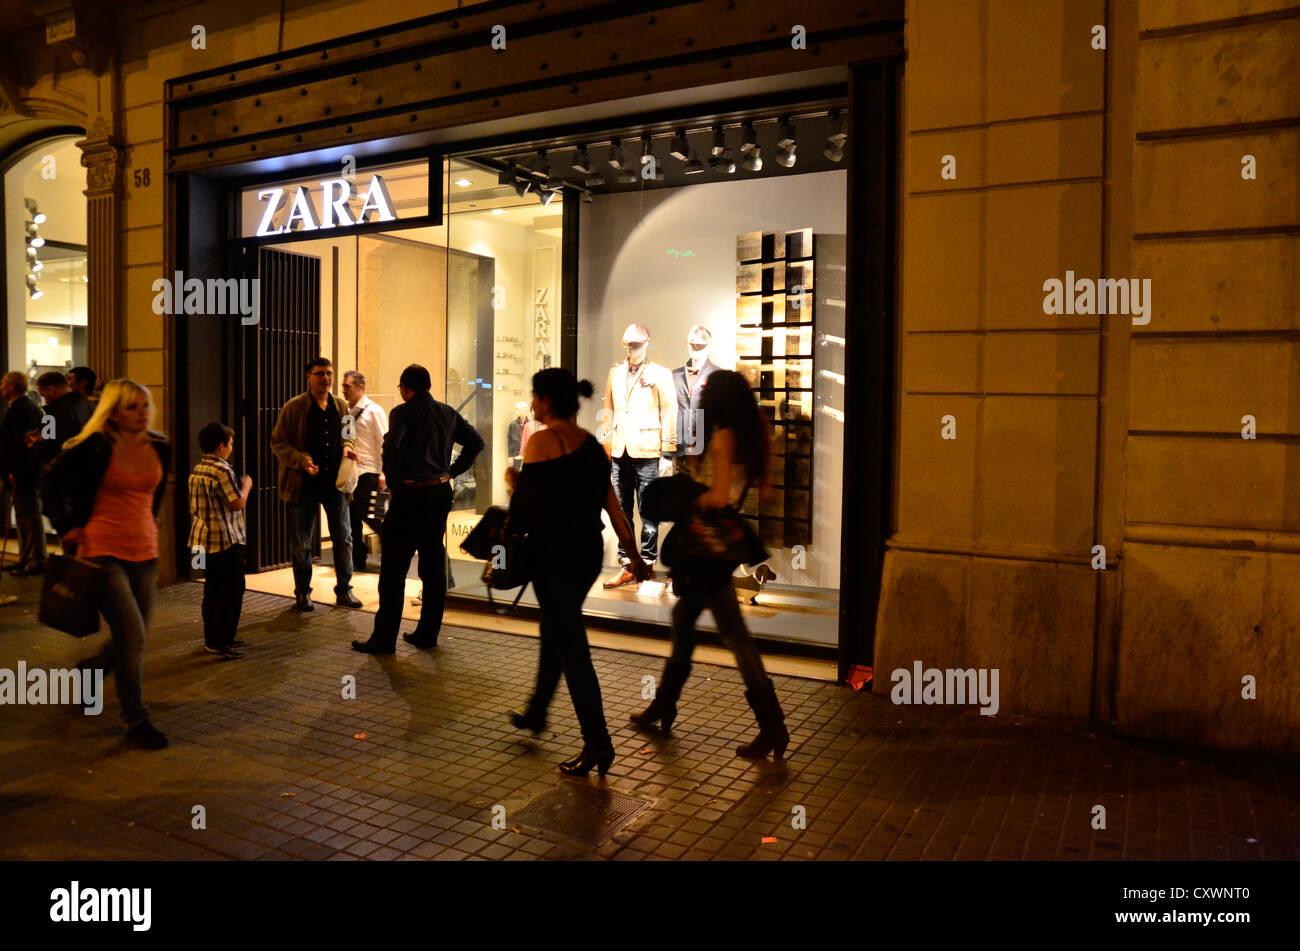 Tienda de Zara en la calle Pelayo - Barcelona Foto   Imagen De Stock ... 3a62a09bafd